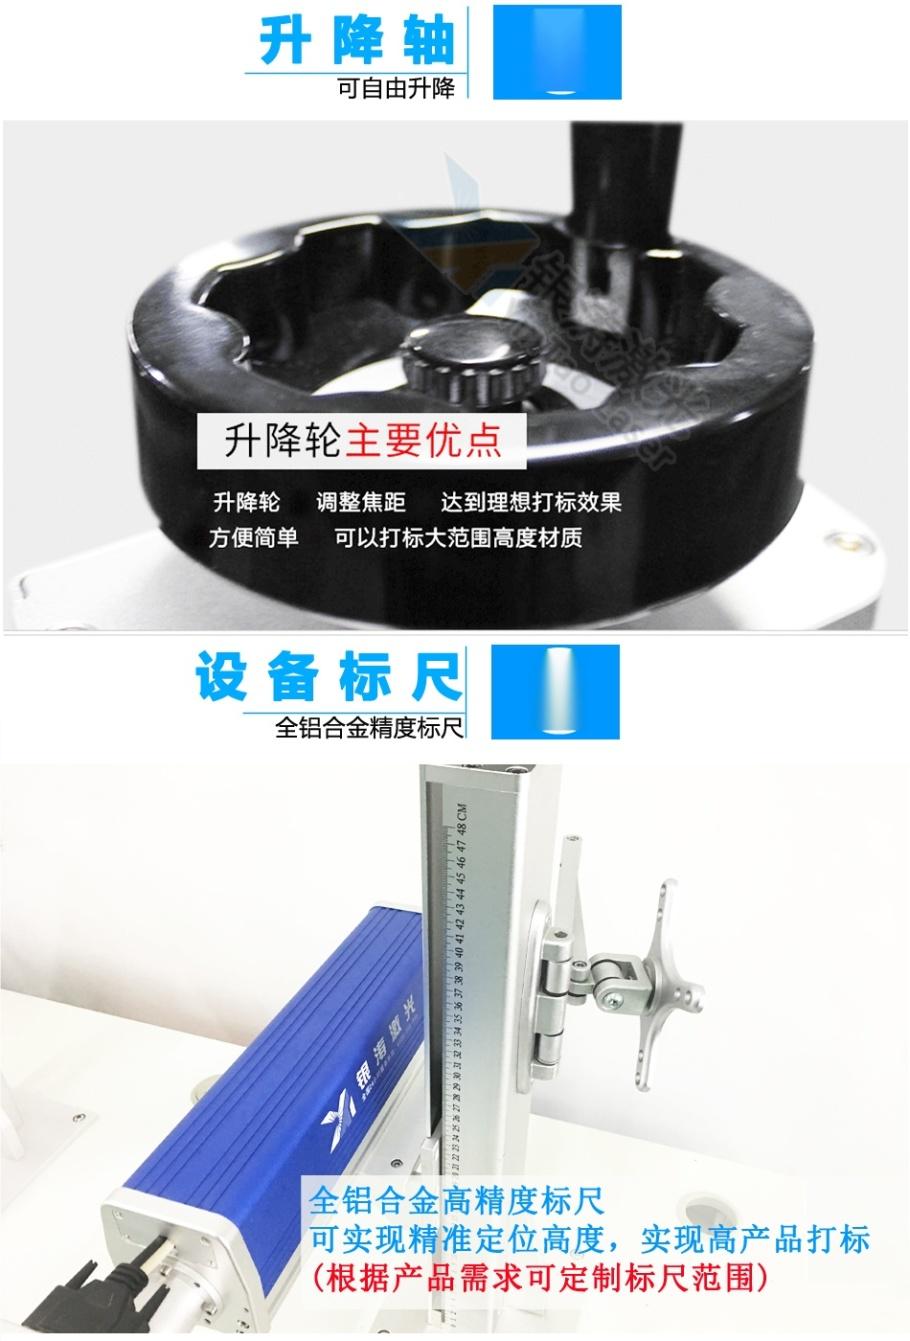 光纖鐳射打標機詳情(新版)_06.jpg